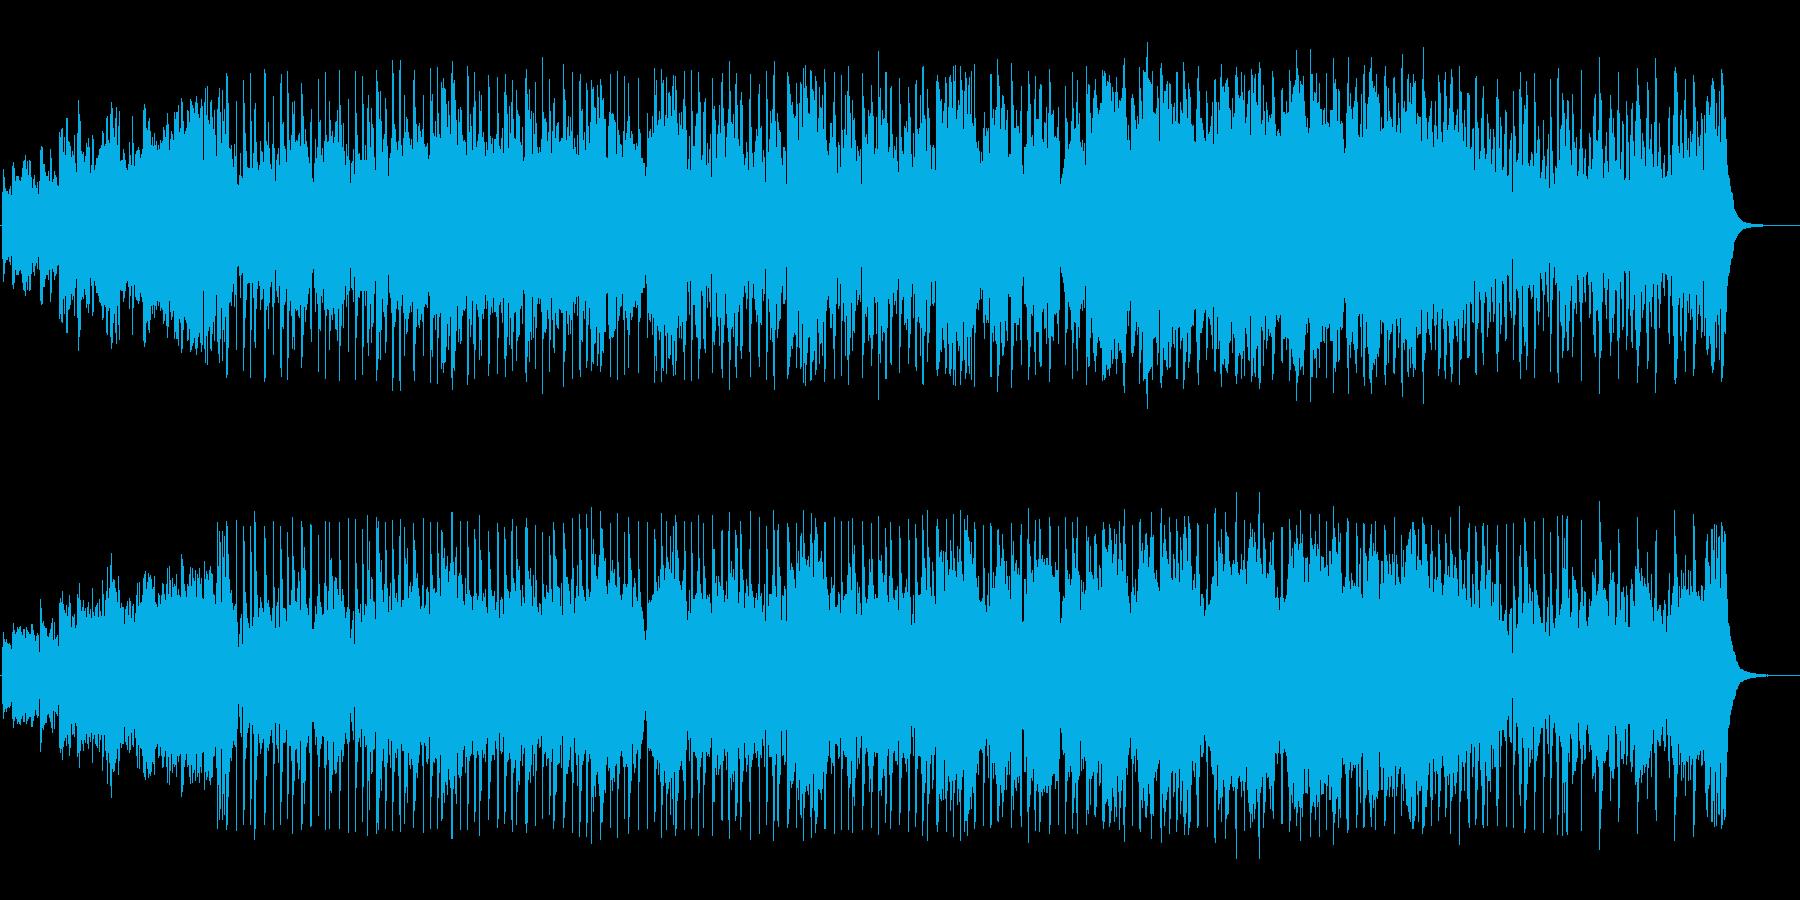 メロディアスなポップスの再生済みの波形